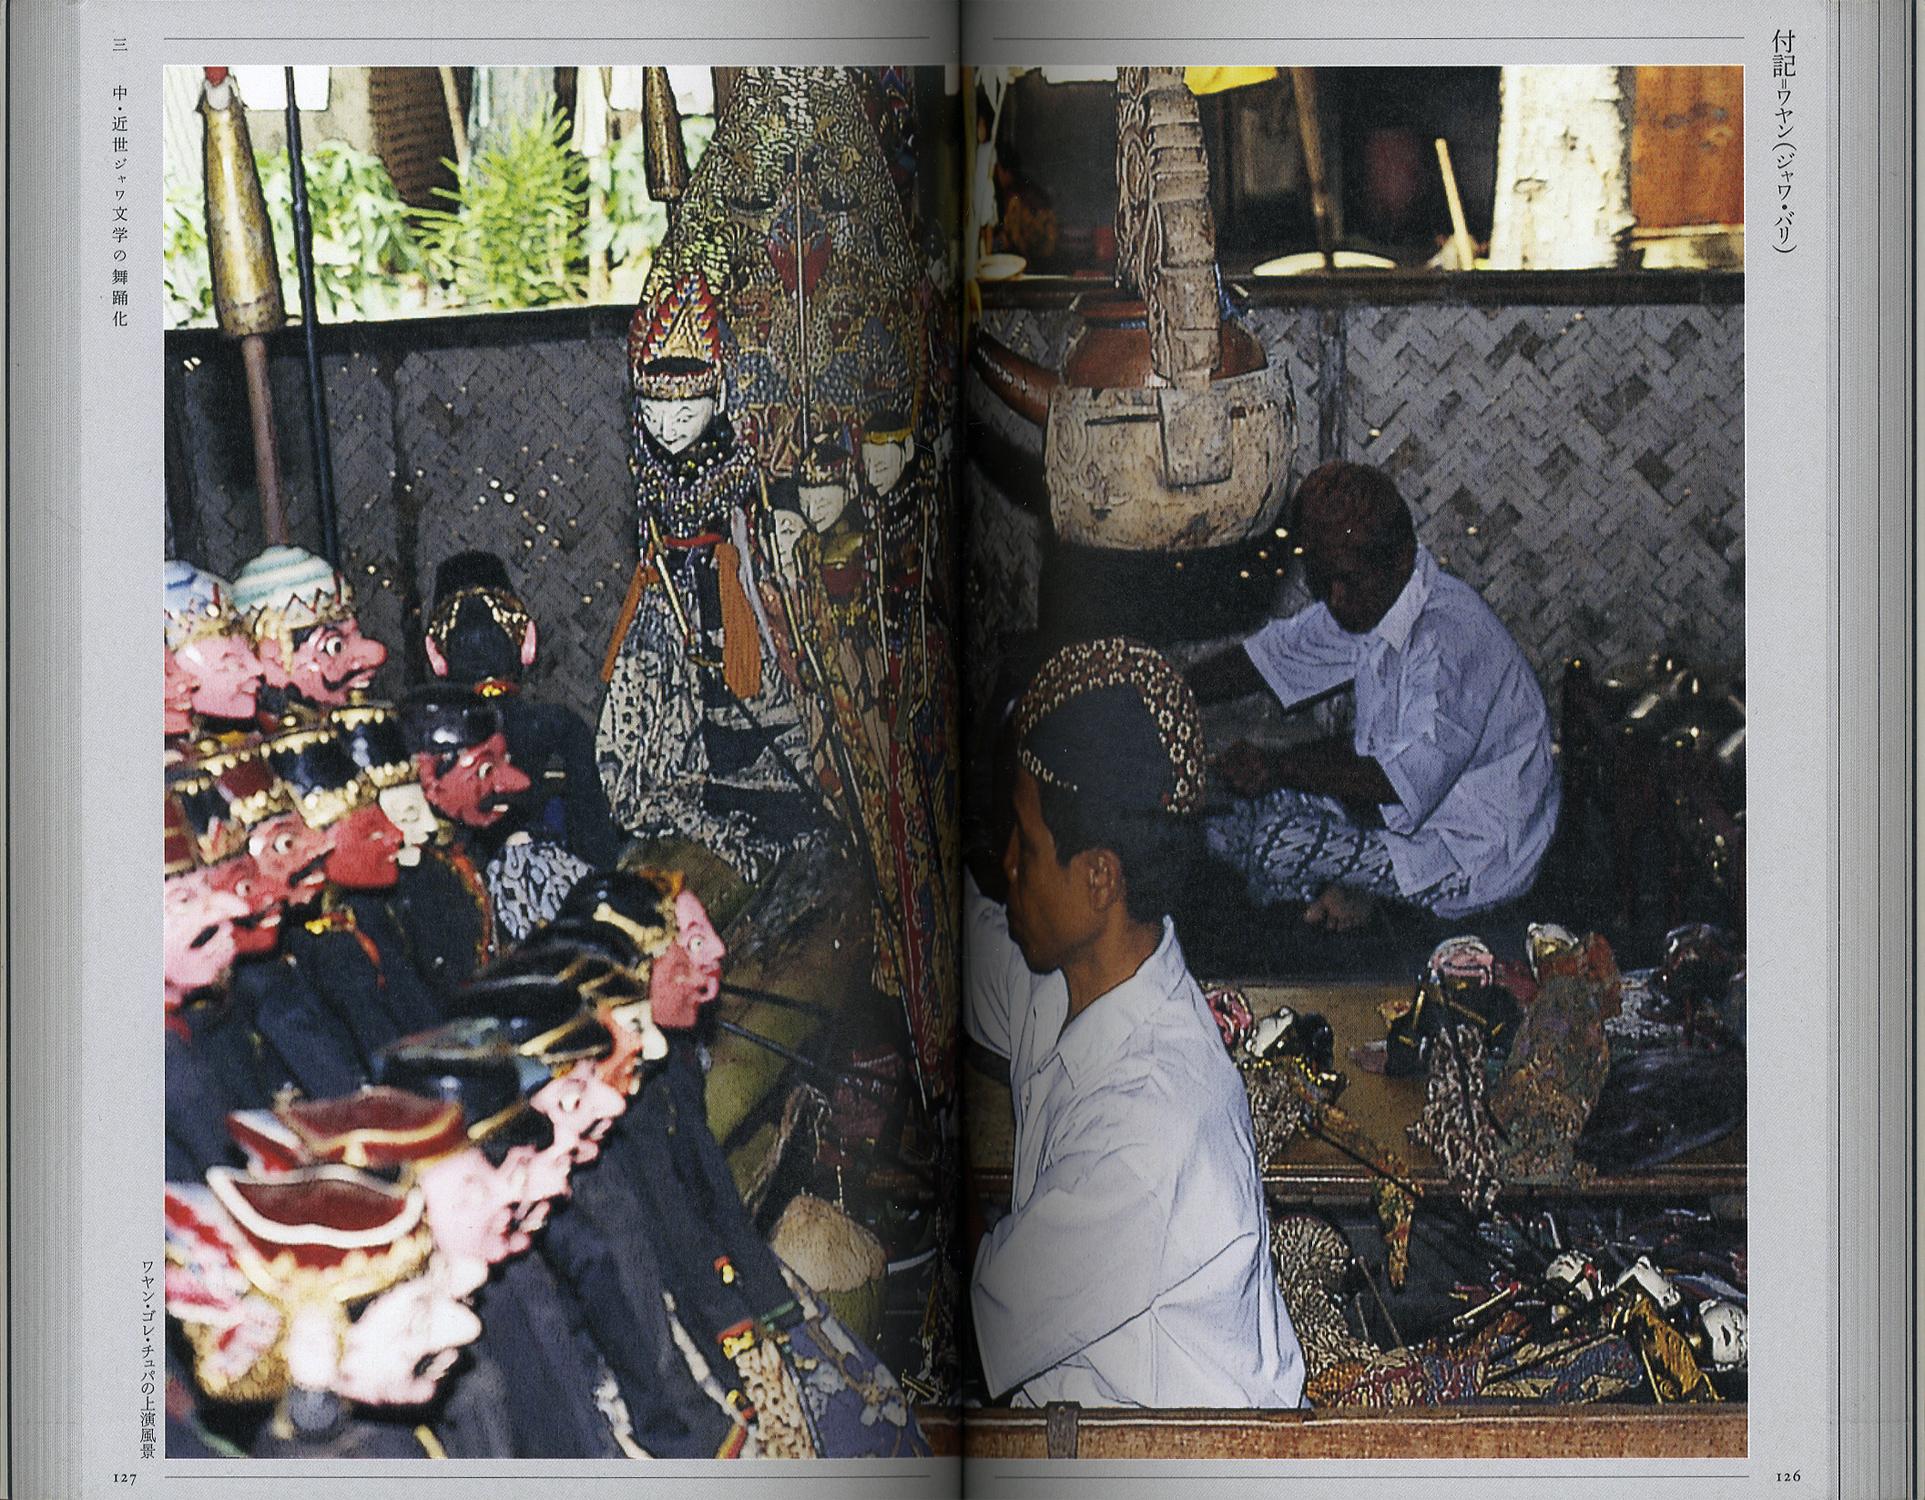 ジャワ舞踊バリ舞踊の花をたずねて その文学・ものがたり背景をさぐる[image3]